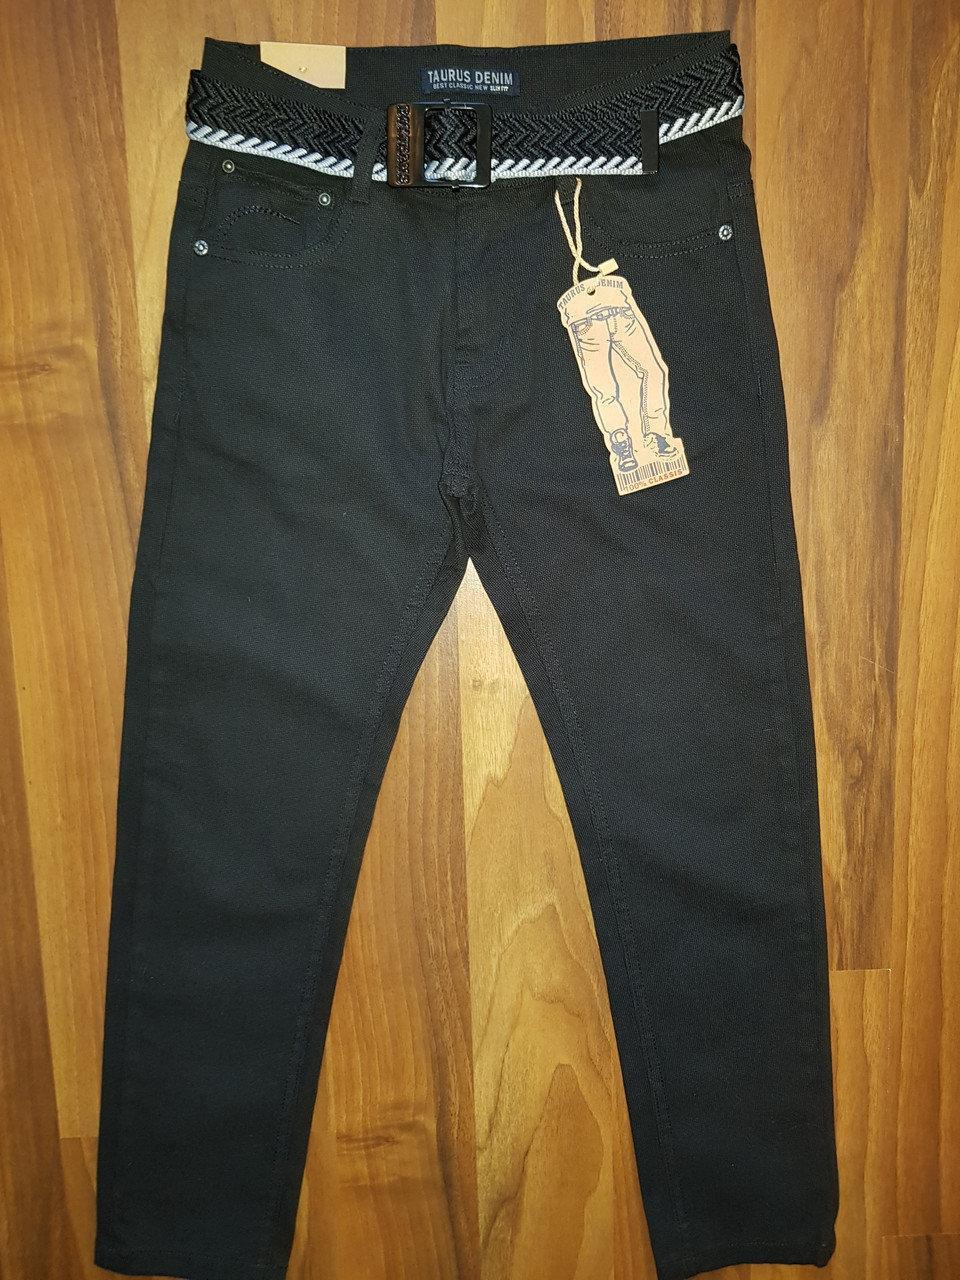 Котоновые брюки для мальчиков подростков,ШКОЛА.Размеры 134-158 см.Фирма TAURUS.Венгрия